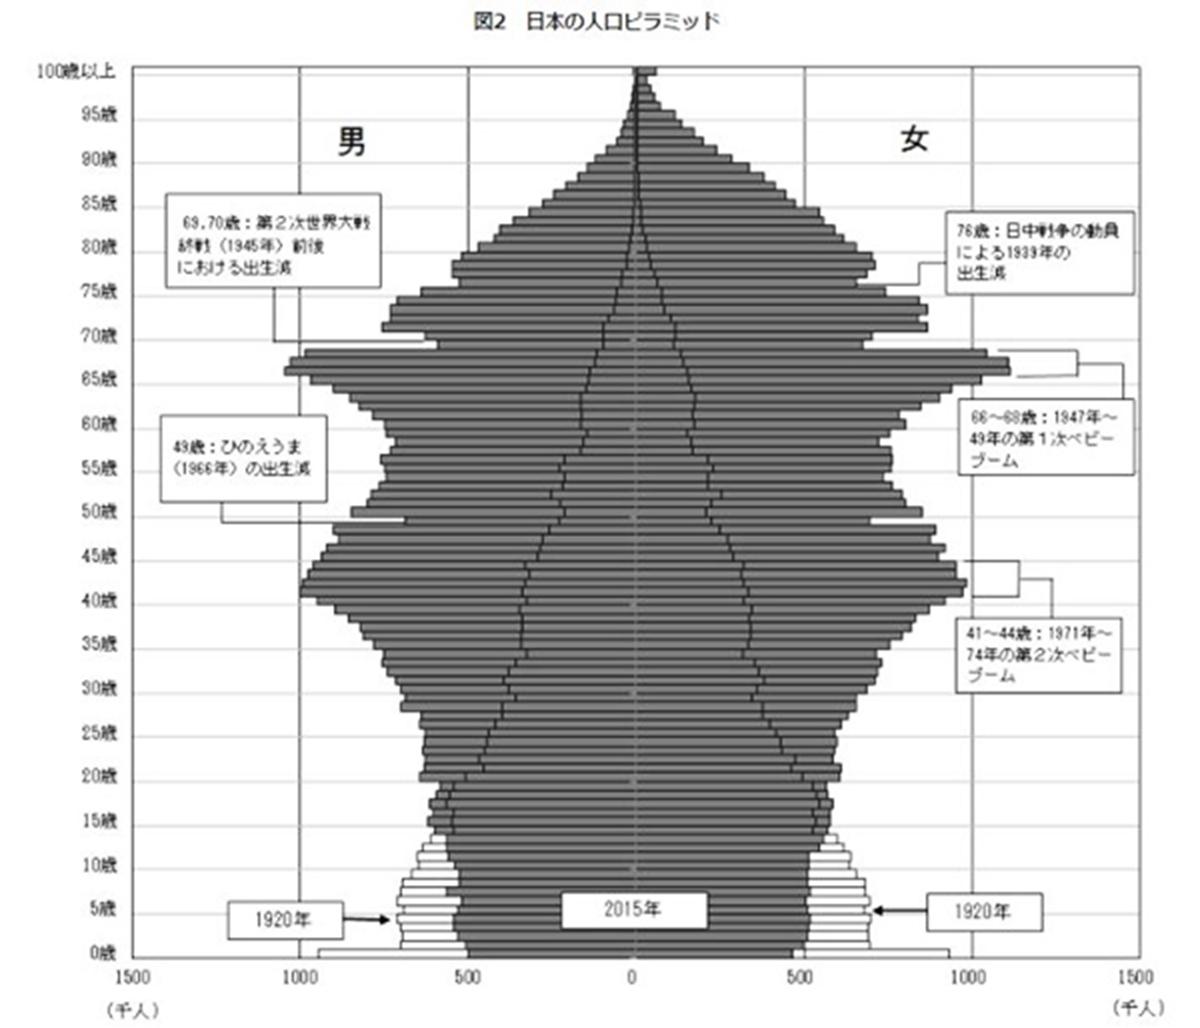 人口ピラミッド サーフィン サーファー高齢化